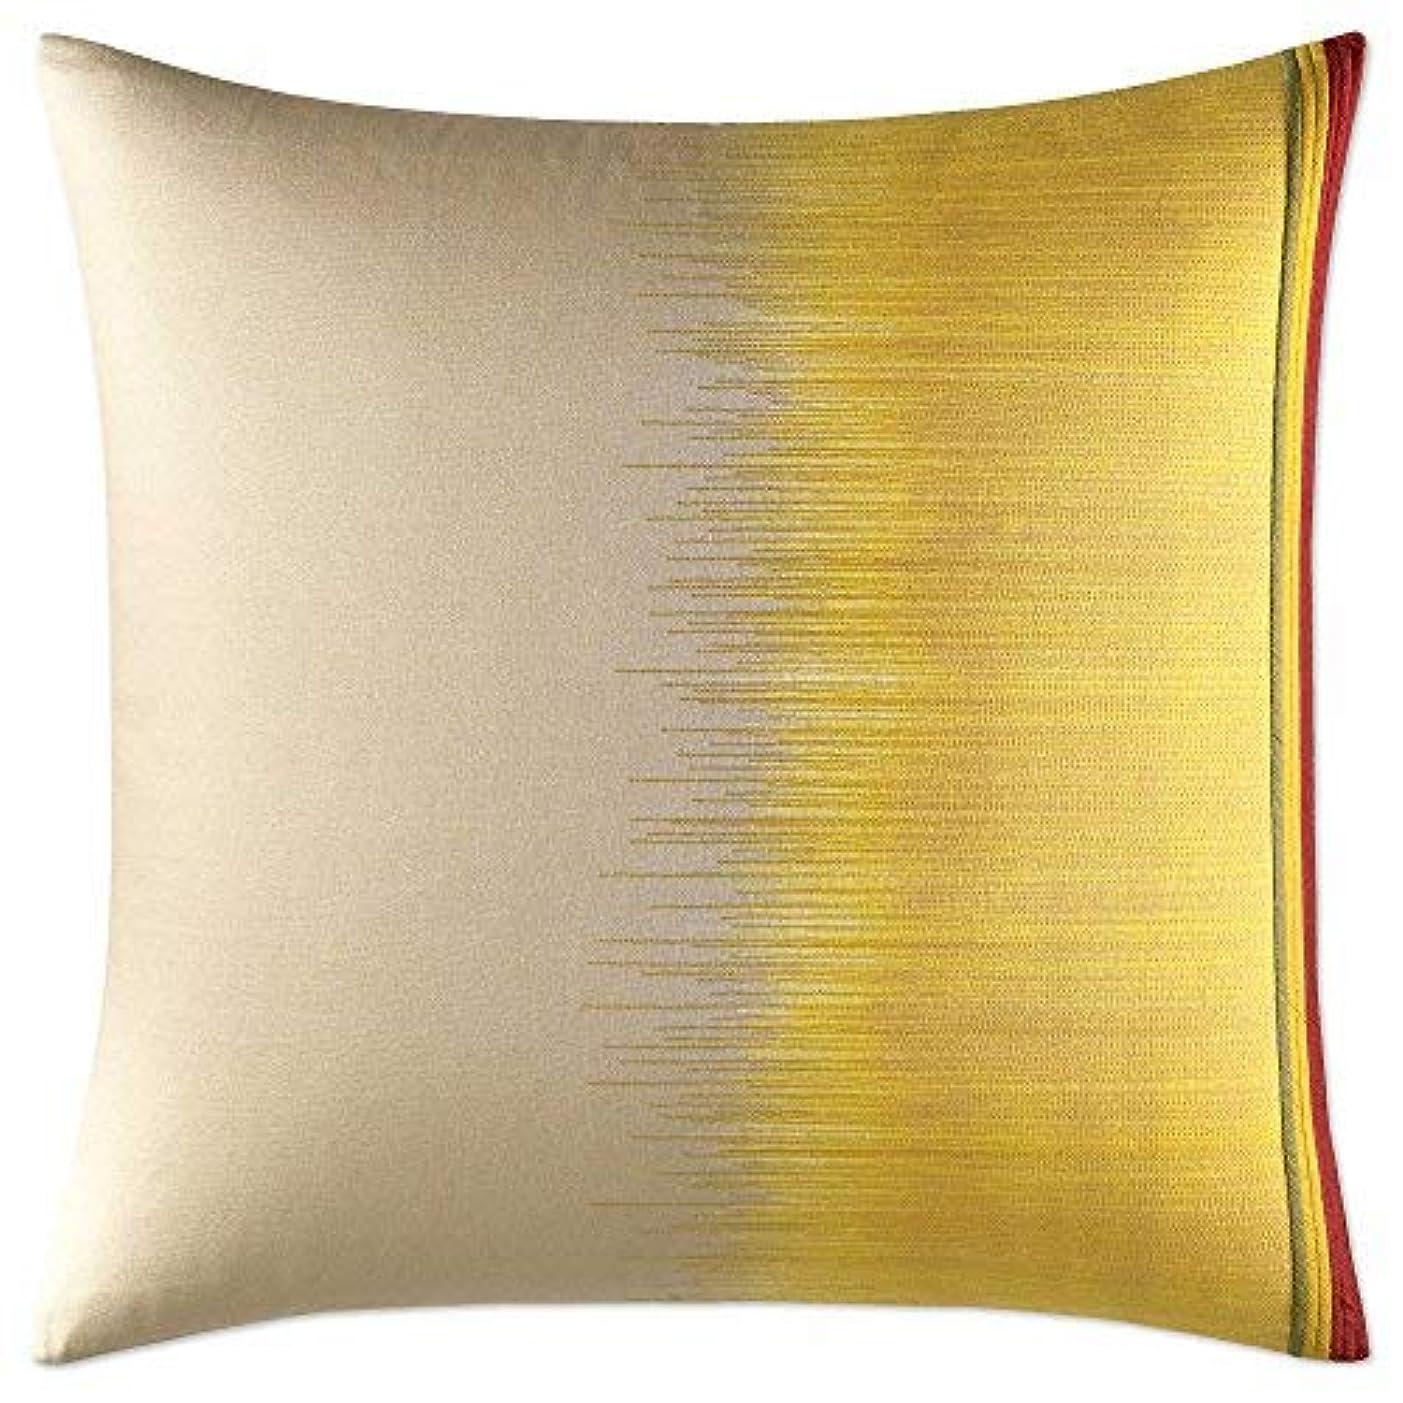 ドレスフォーム言い換えるとEllen DeGeneres Toluca European Pillow Sham, Light Brown And Marigold Yellow [並行輸入品]